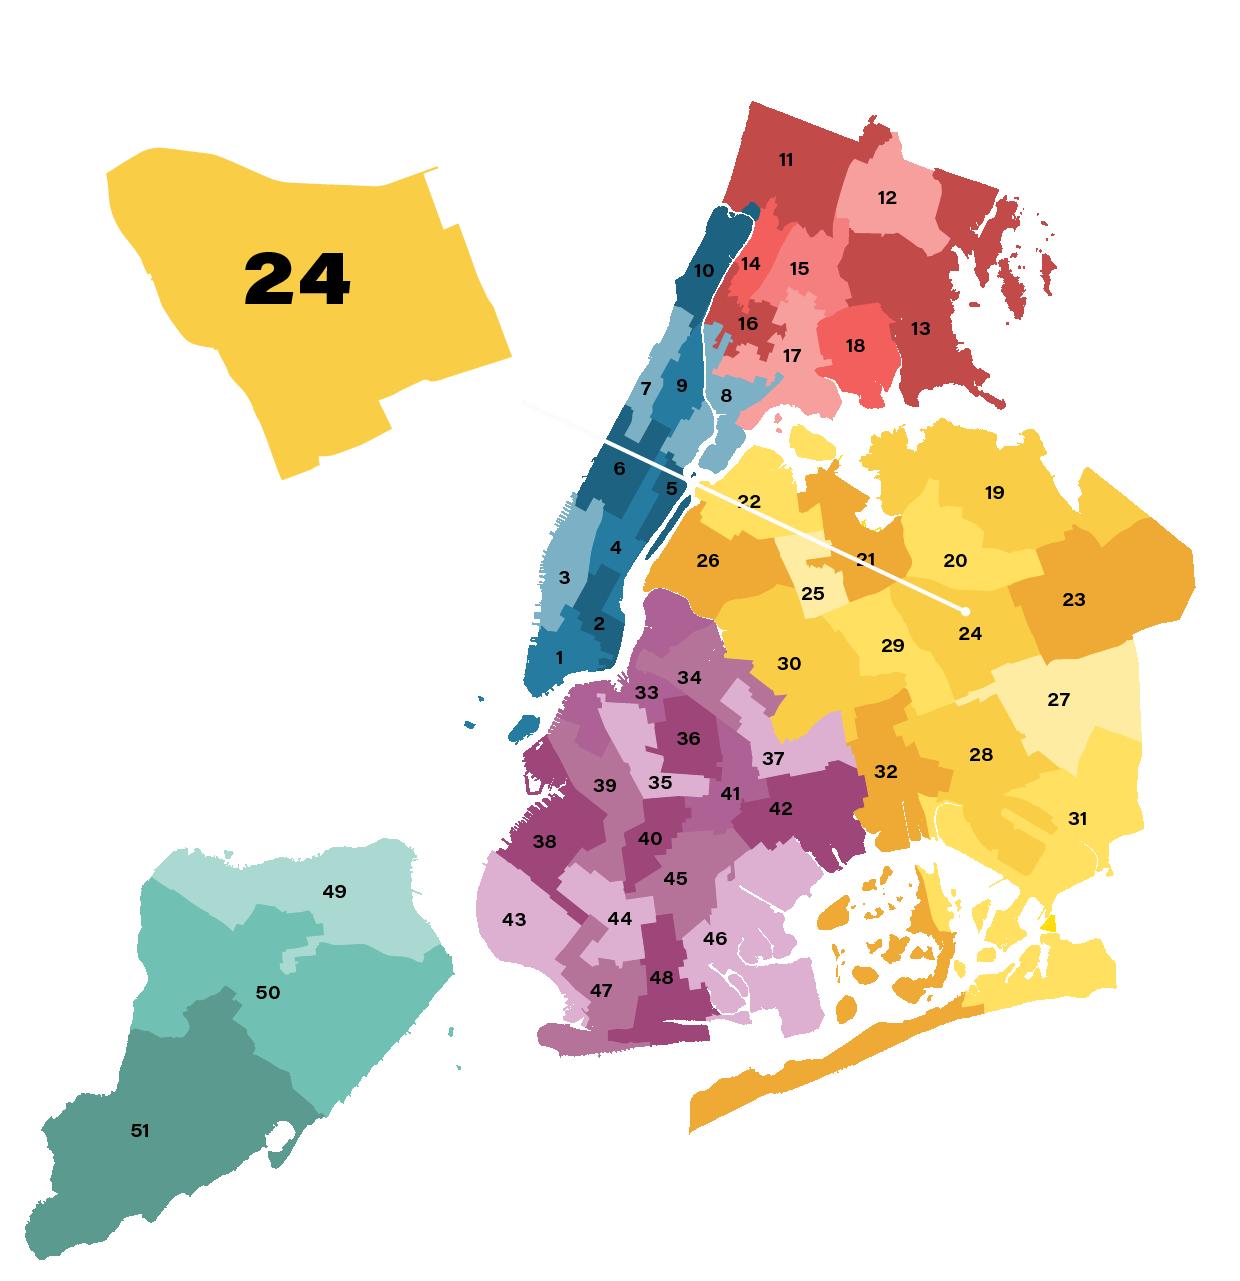 City Council District 24